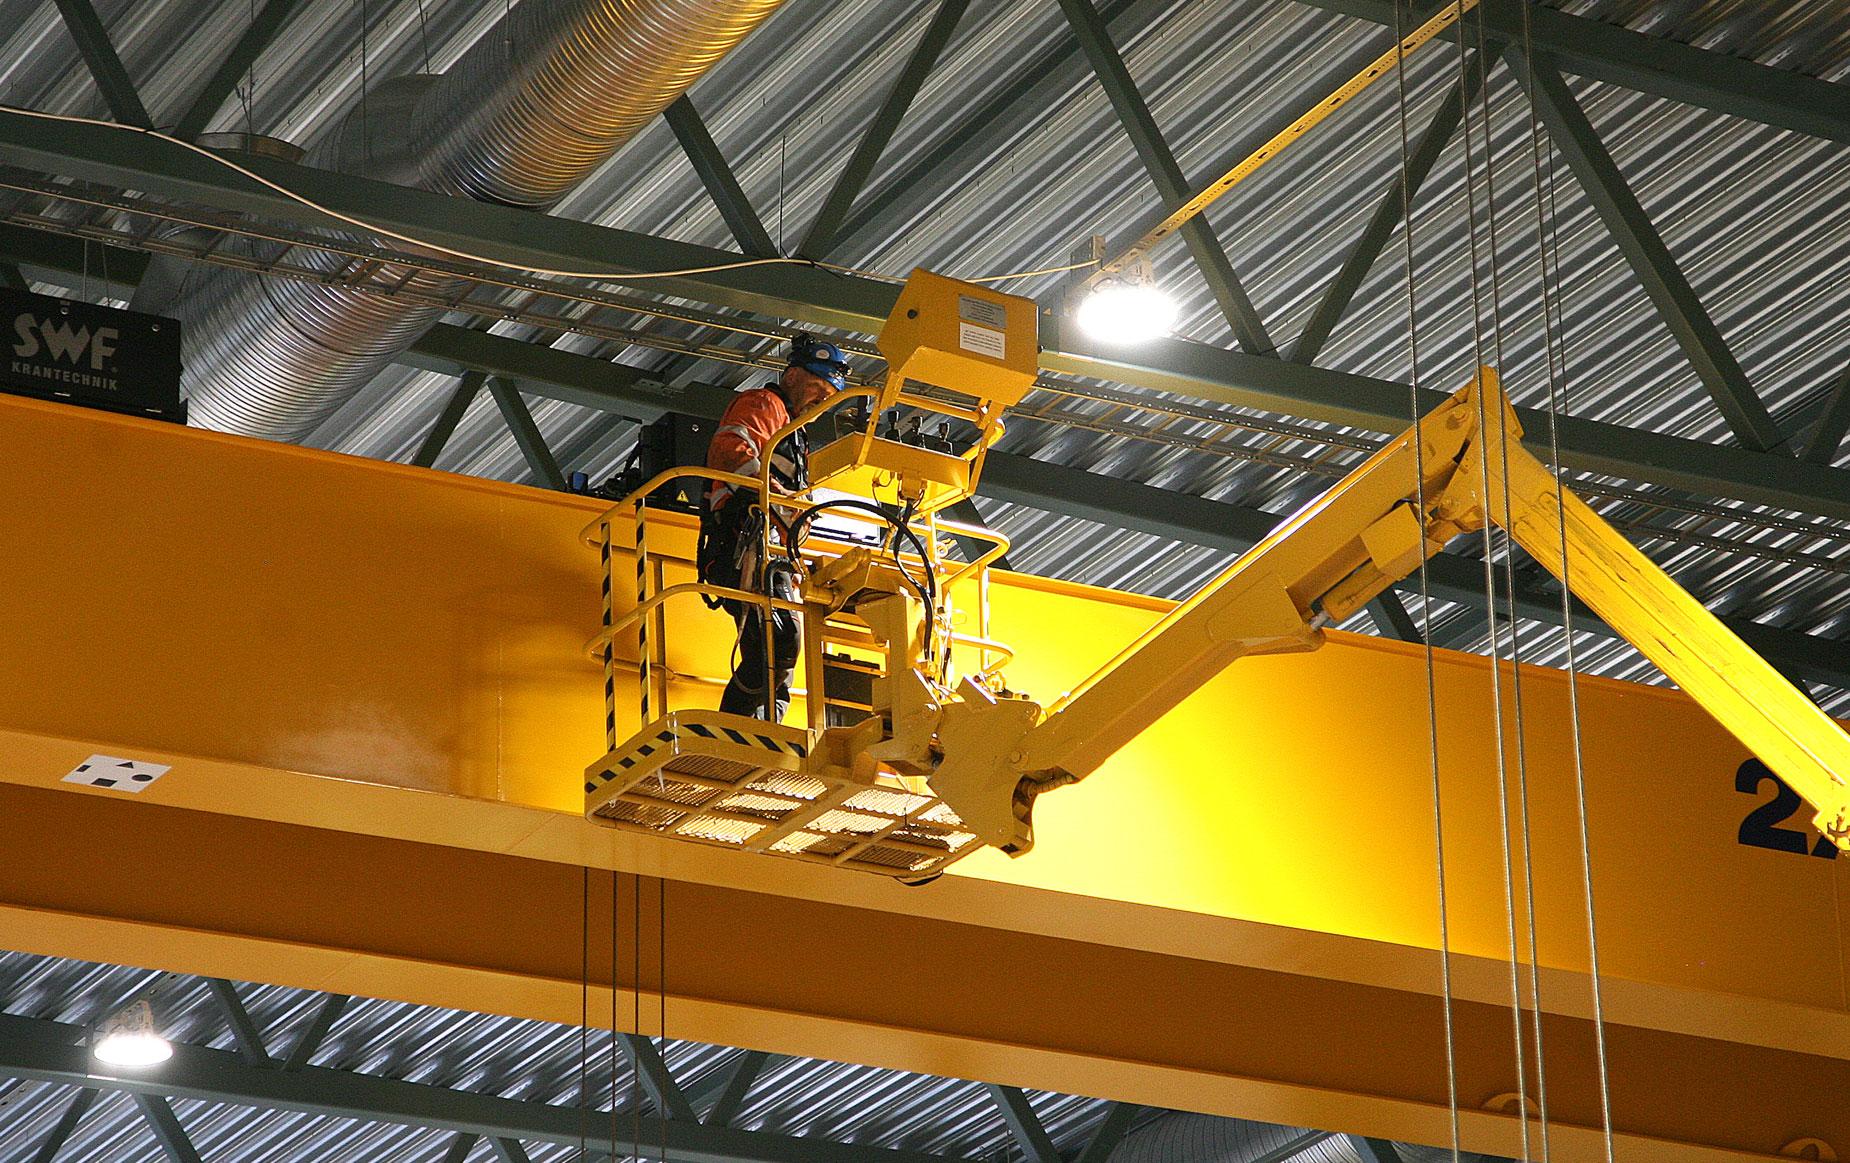 crane-service-nosturihuolto-teollisuus-metalliteollisuus-teollisuuden-siltanosturit-satateras_3